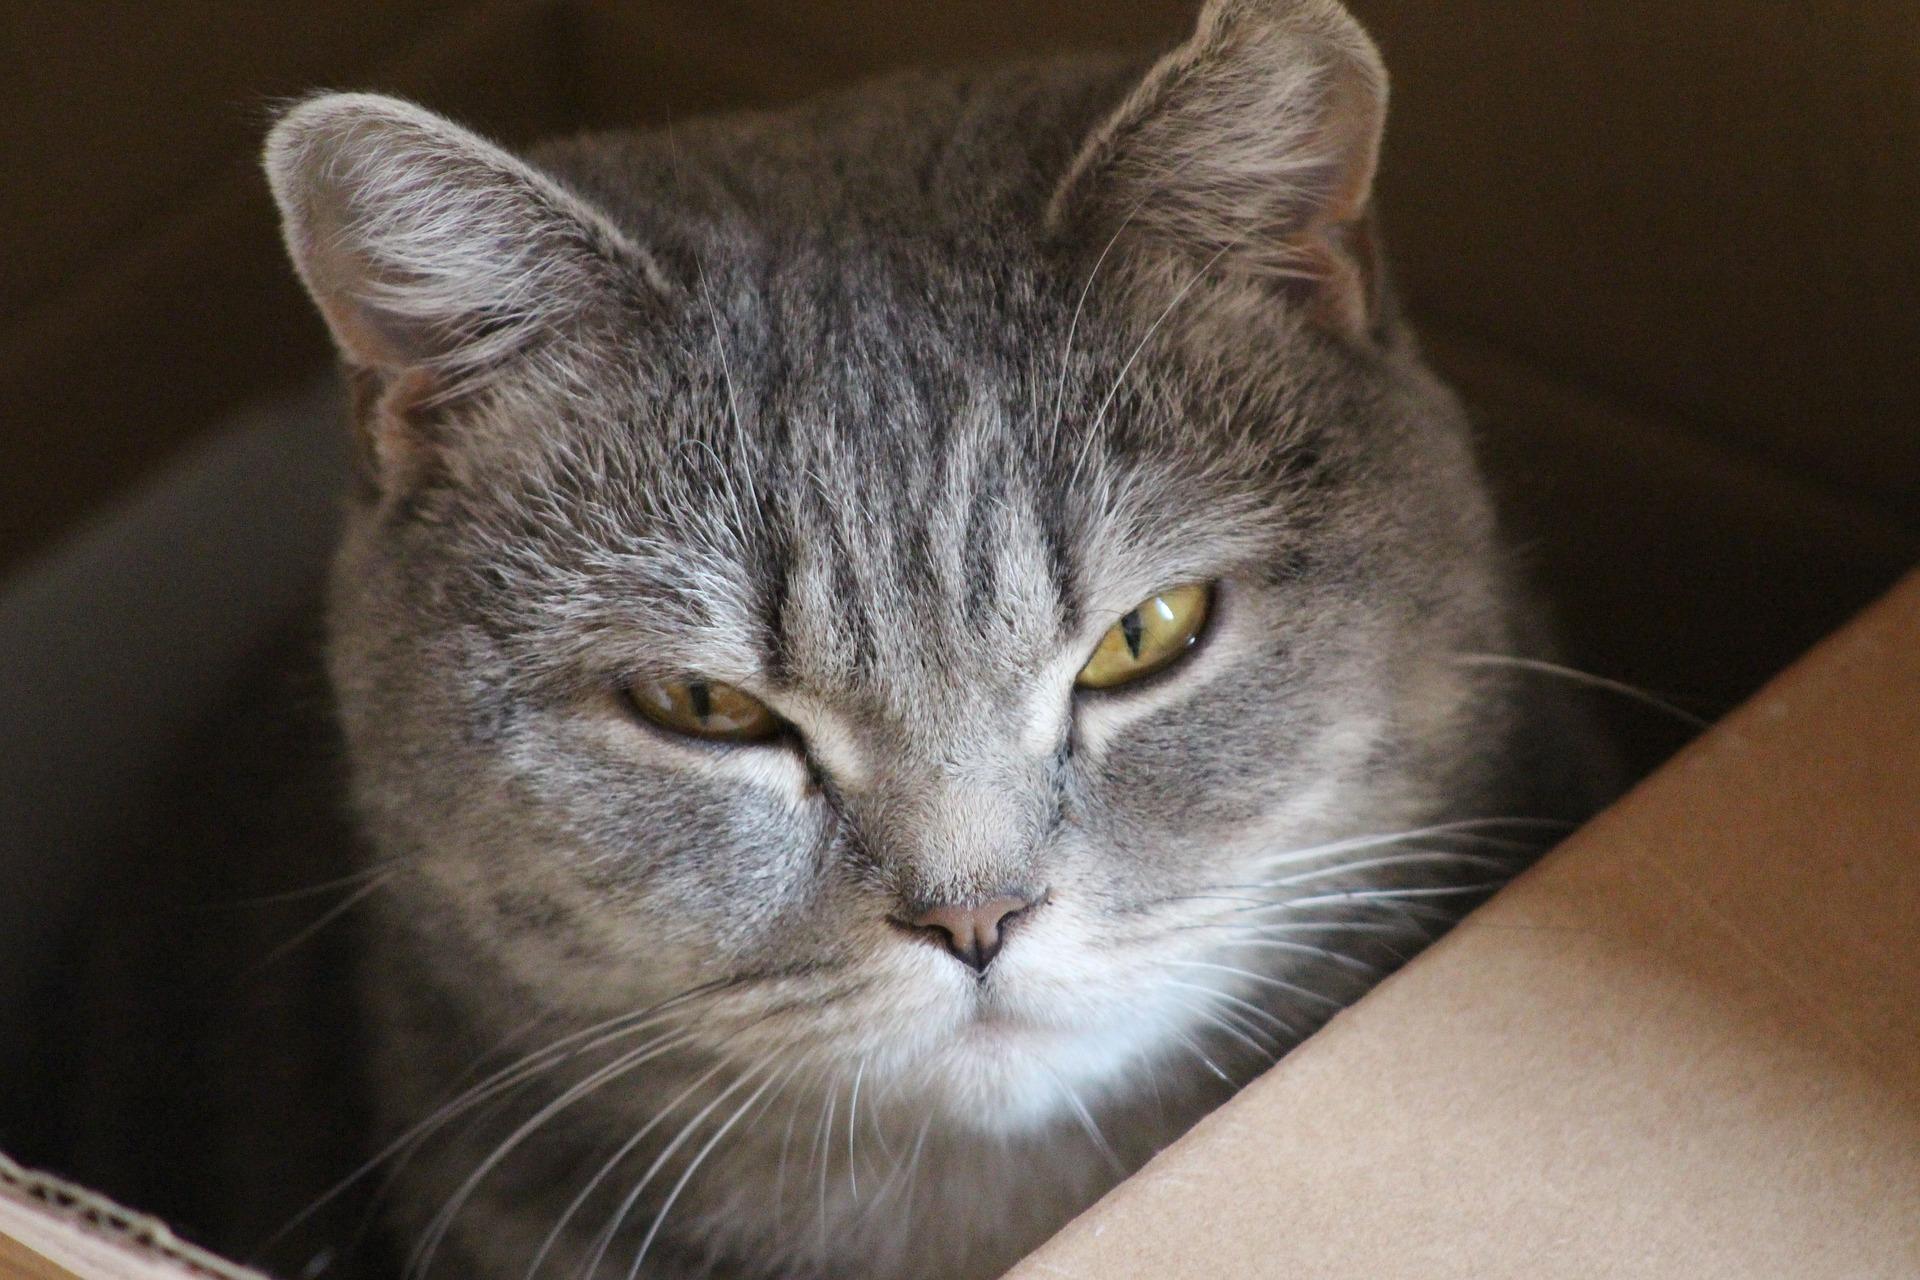 El corte en las orejas del gato no les hace mucho daño